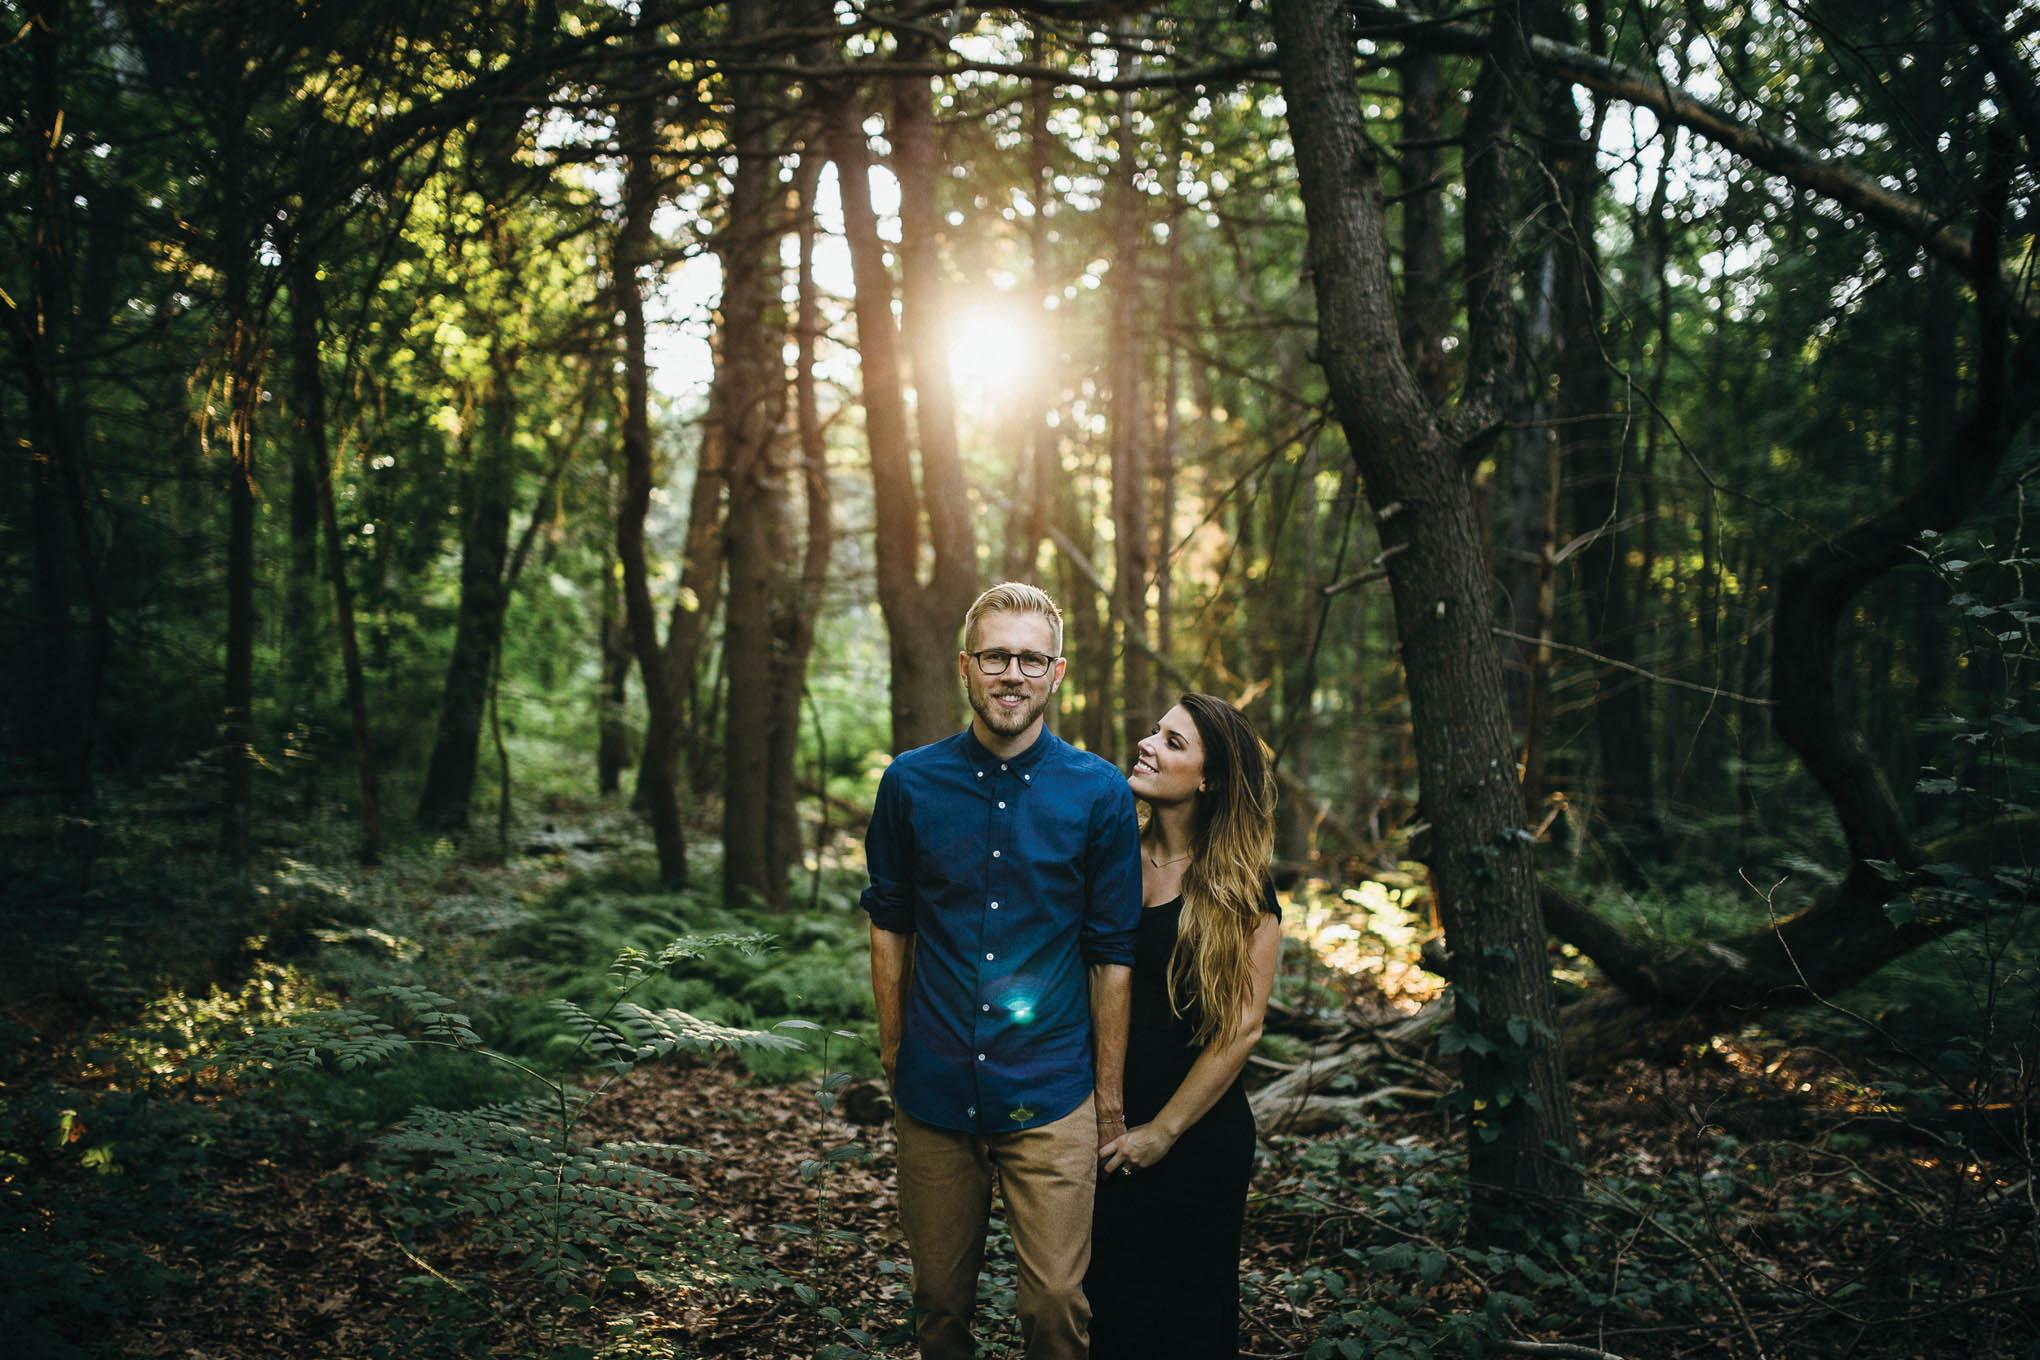 Categories: Weddings-Down the Track - Heidi & Ryan, Married in June, 2013